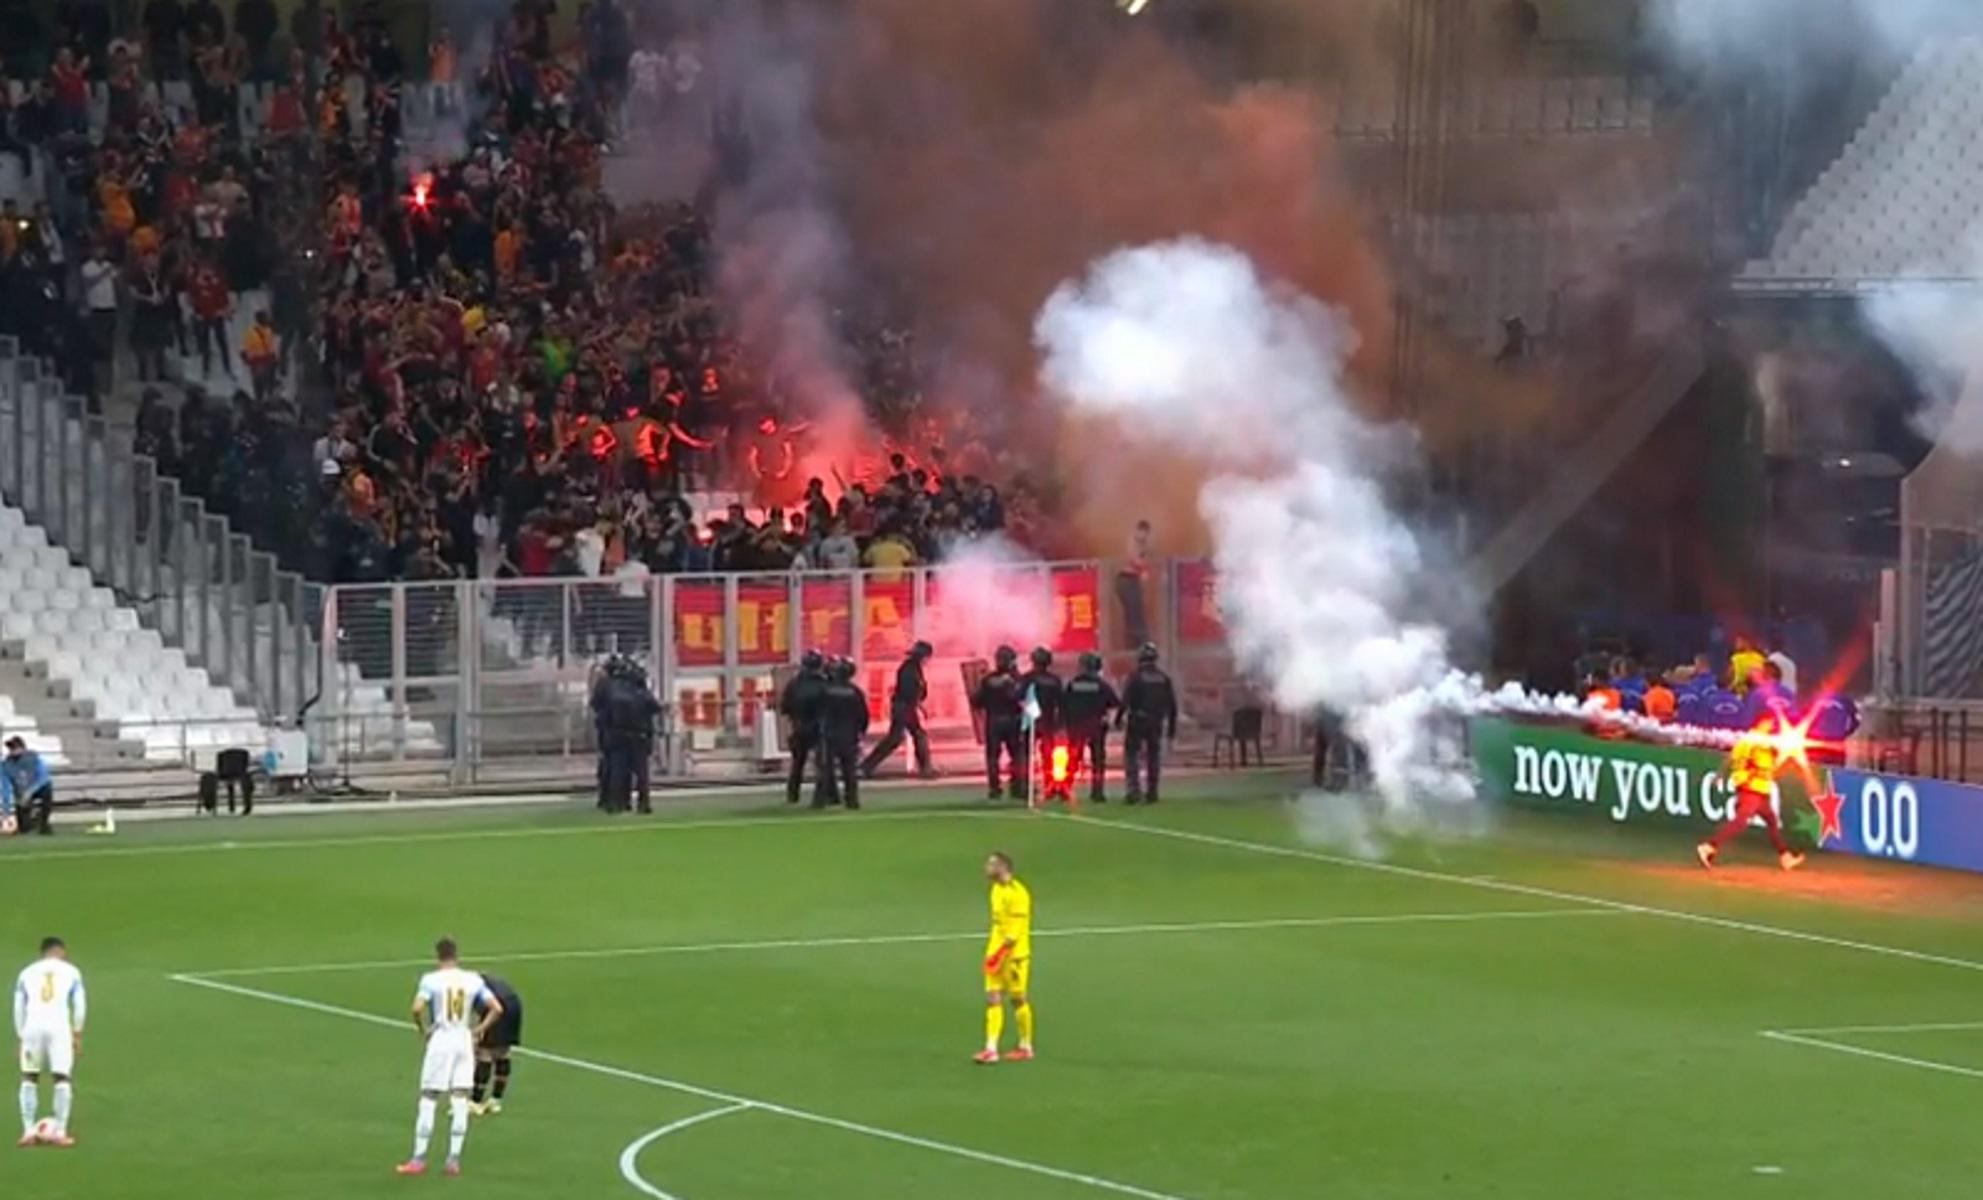 Μαρσέιγ – Γαλατάσαραϊ: Επεισόδια στις εξέδρες και προσωρινή διακοπή στην αναμέτρηση του Europa League